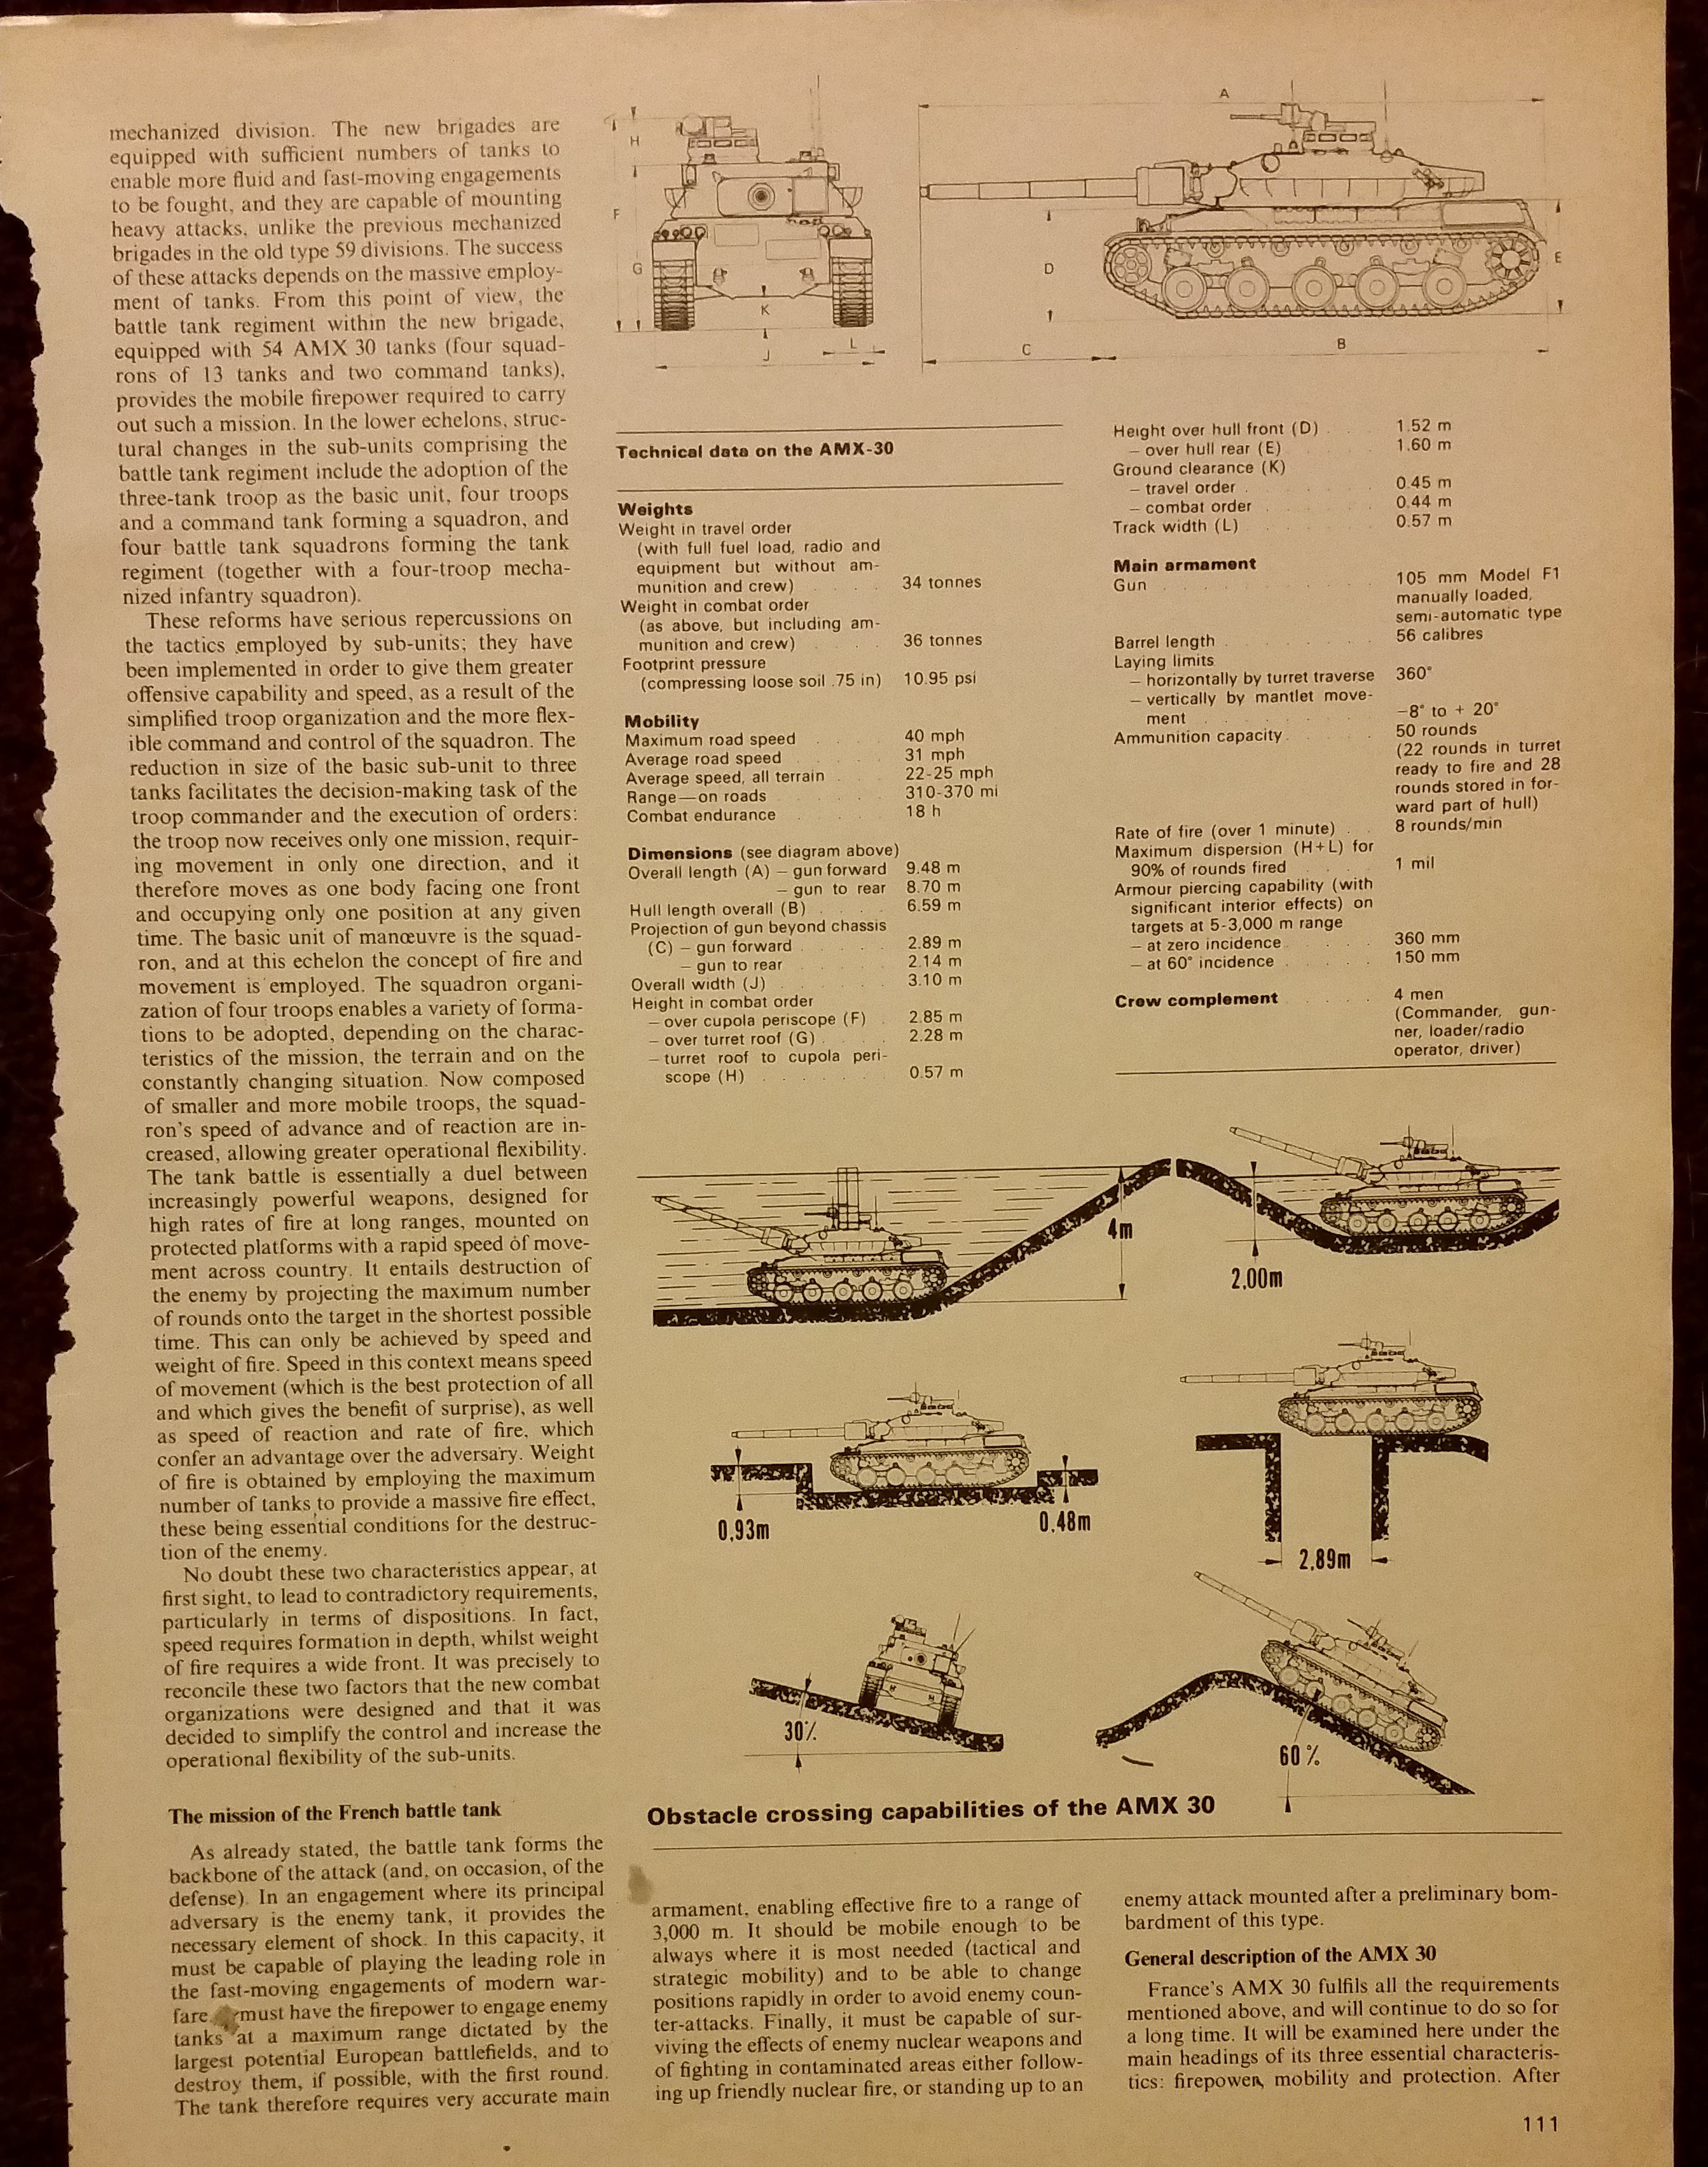 amx-30-page-2-e1428293398980.jpg